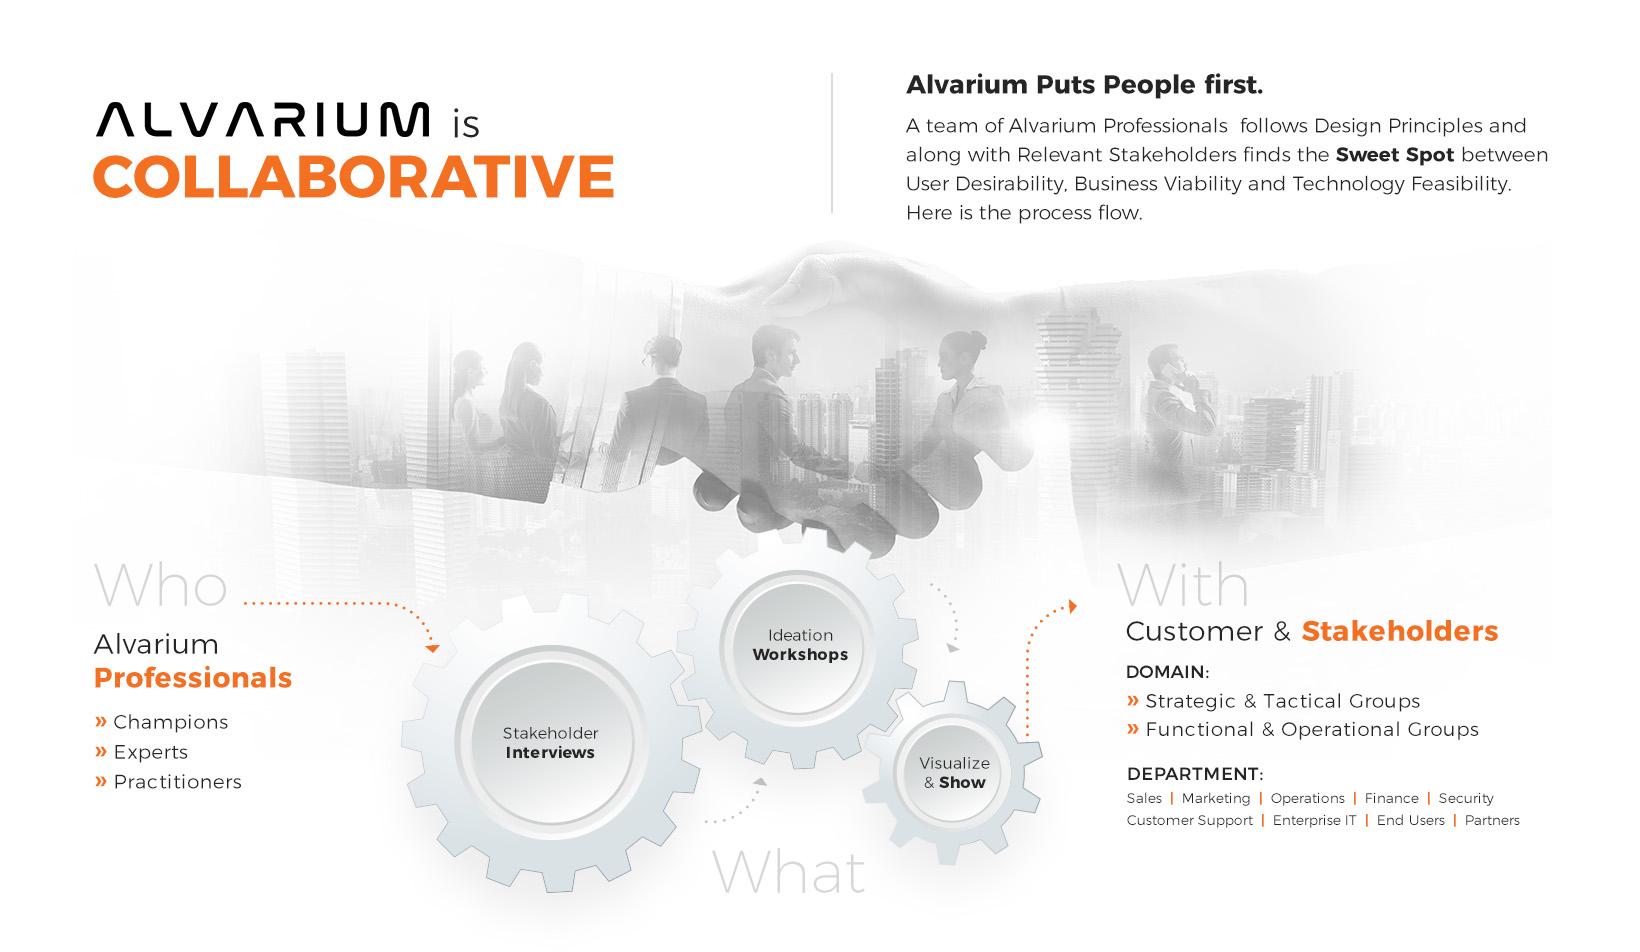 alvarium collaborative